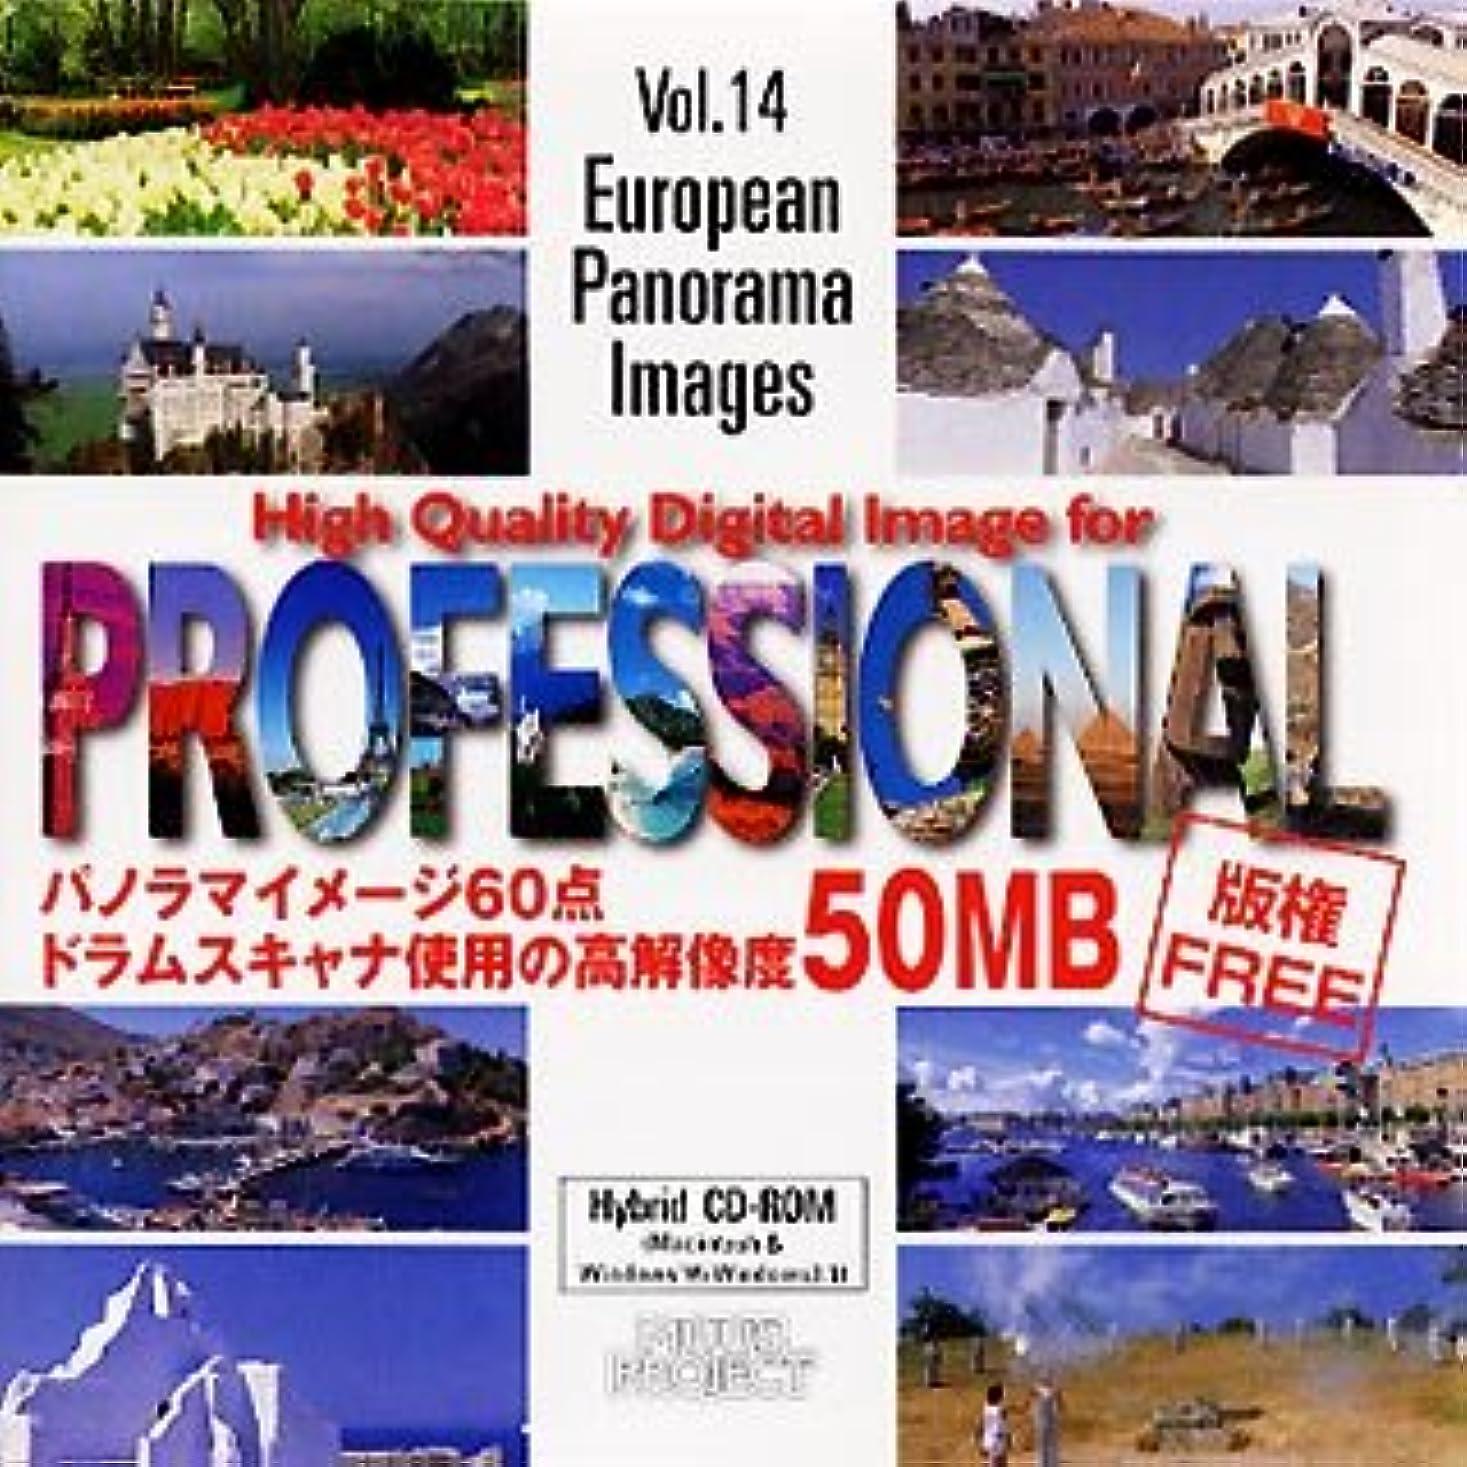 腐敗フィードバックランチHigh Quality Digital Image for Professional Vol.14 European Panorama Images